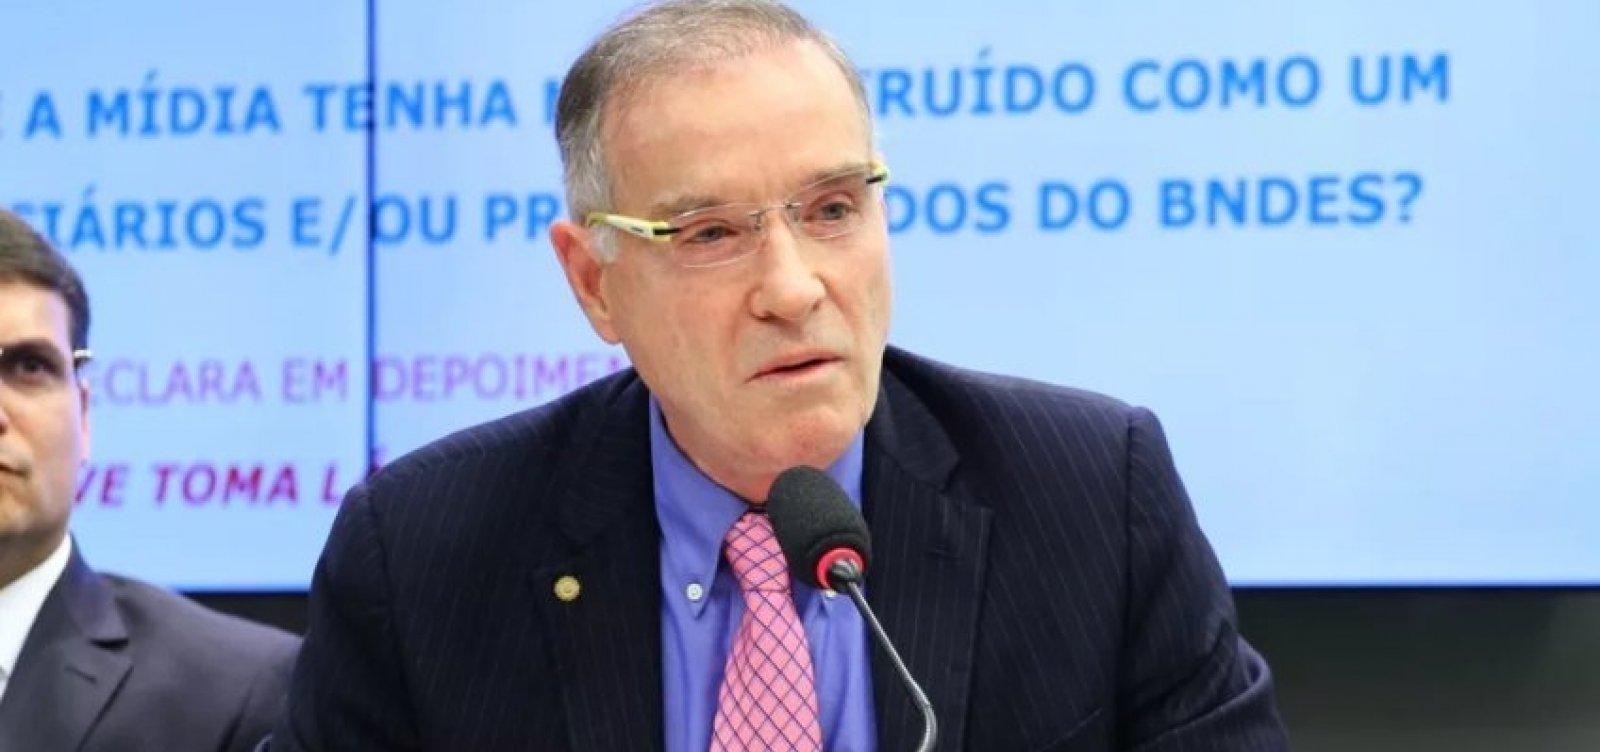 Eike Batista é condenado a 11 anos de prisão por crimes contra mercado